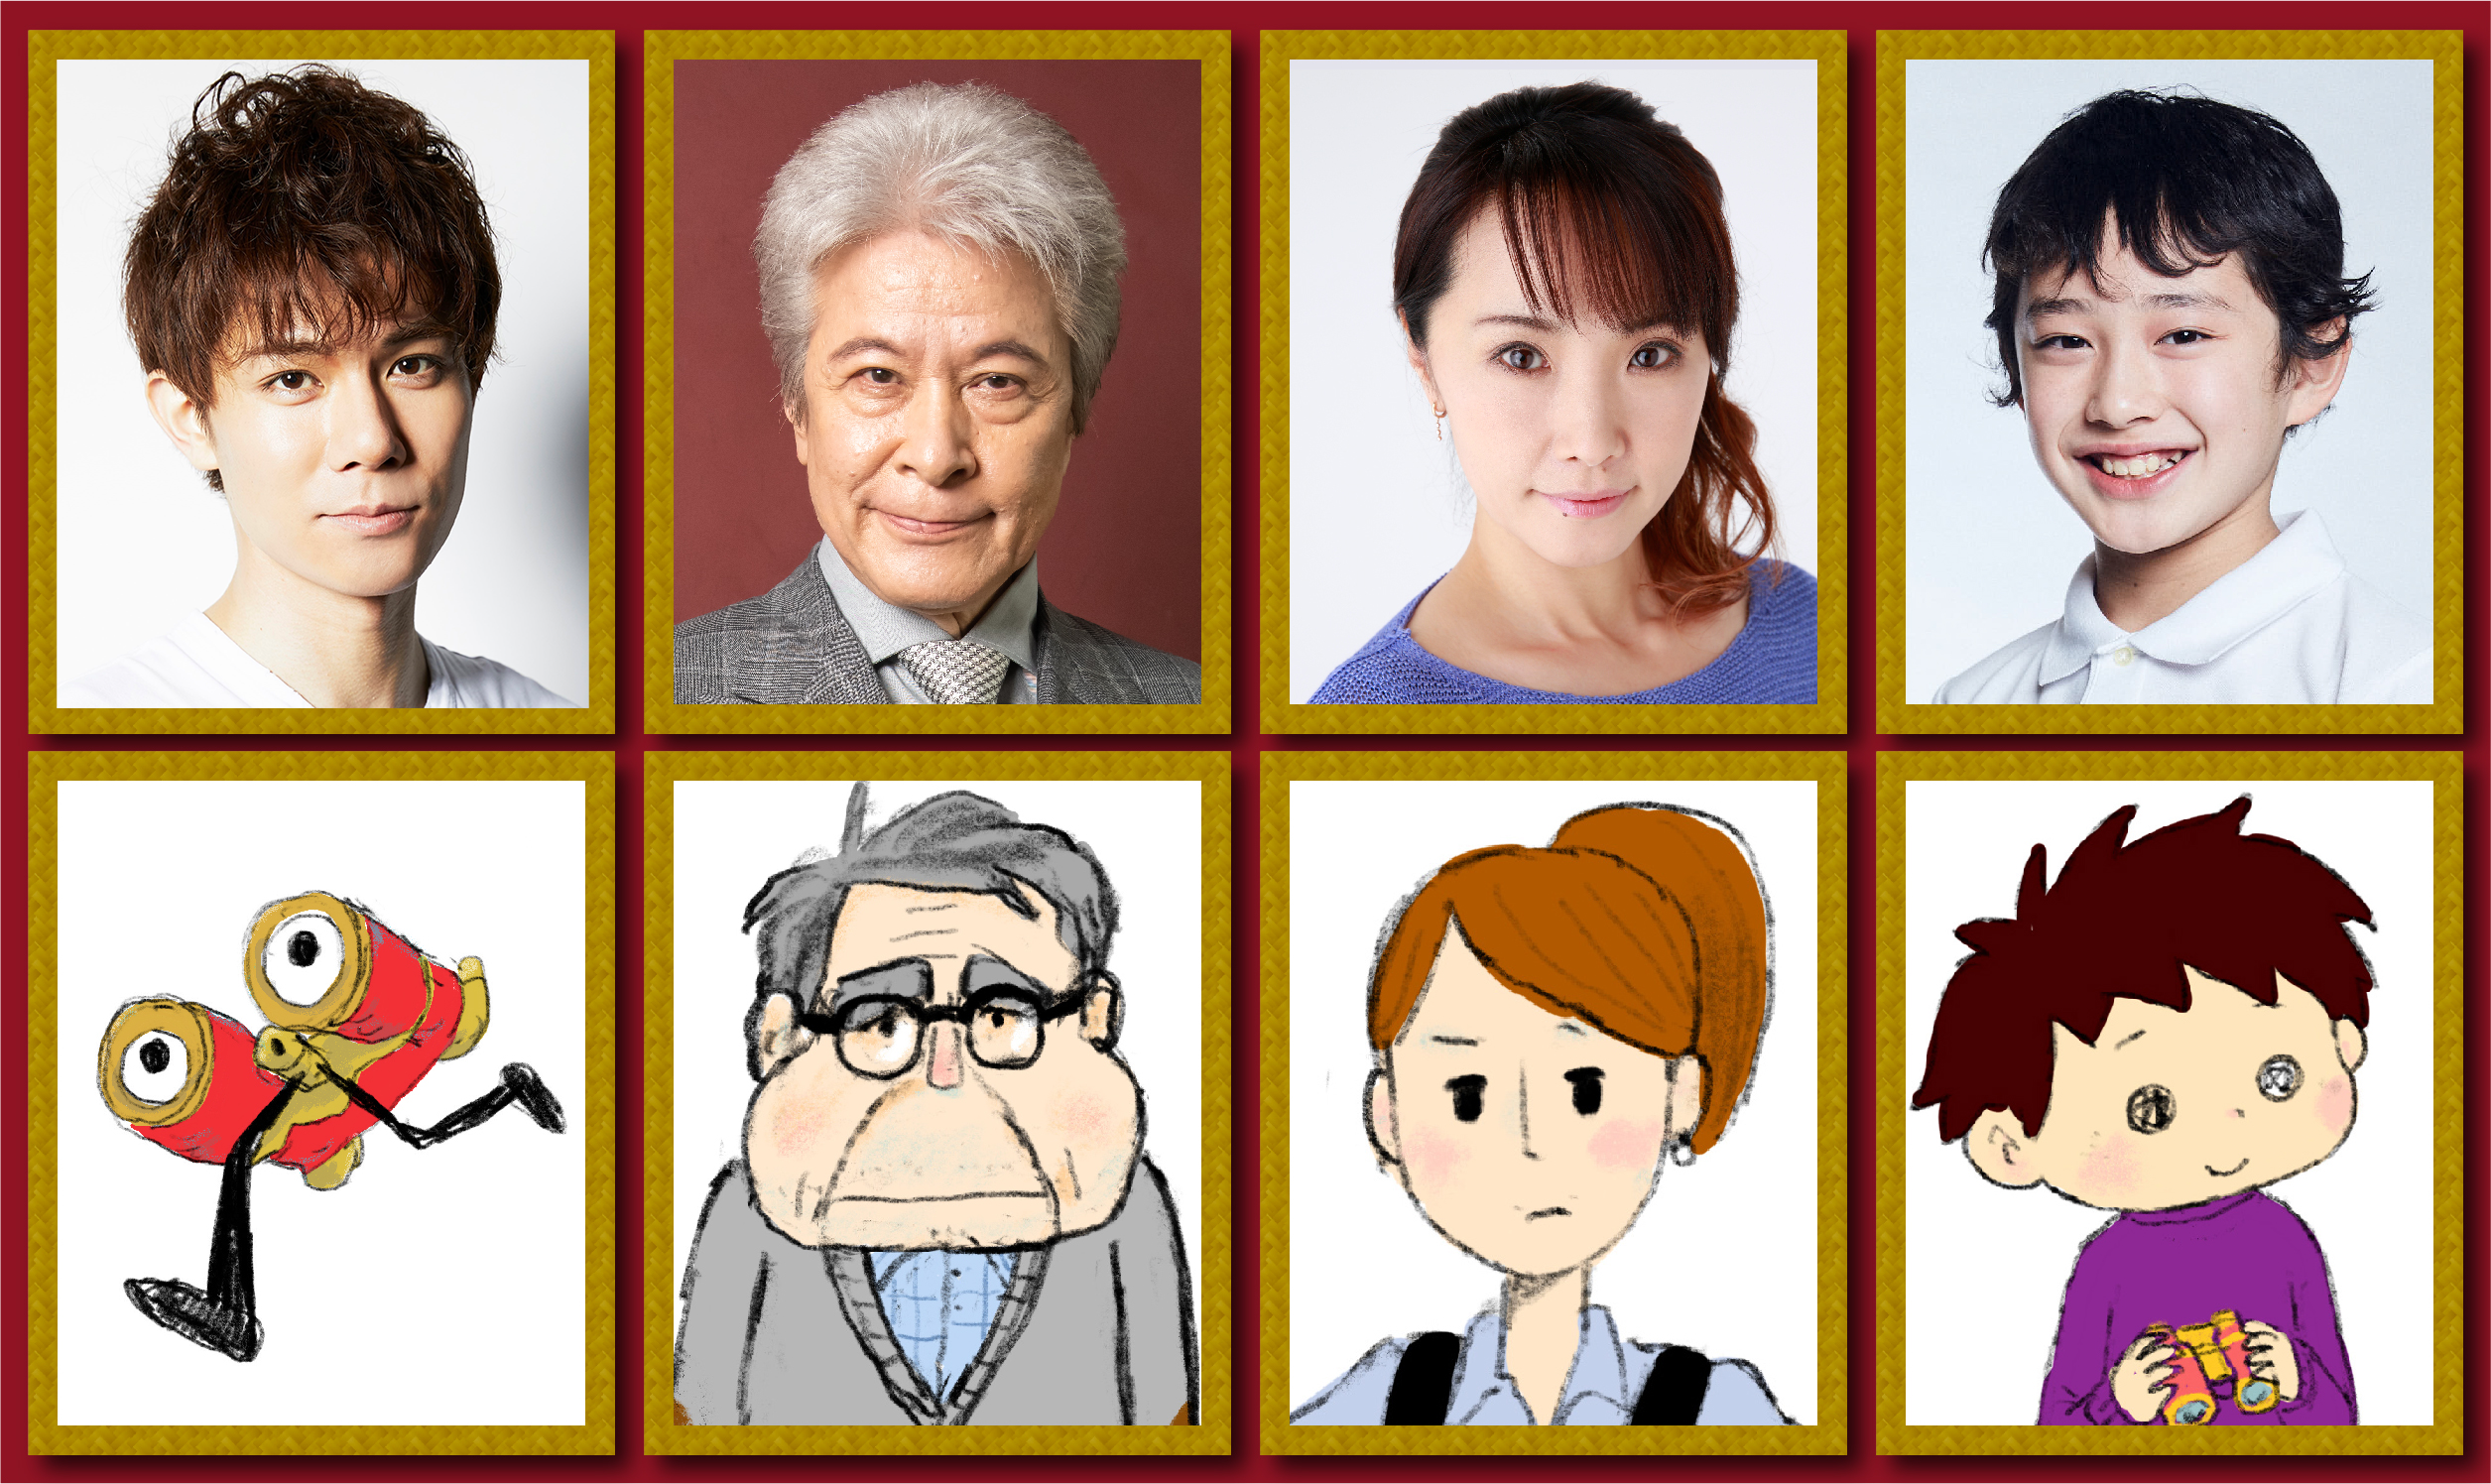 """ホリプロ×ドワーフ """"ミュージカルショートムービー""""『ギョロ 劇場へ』"""